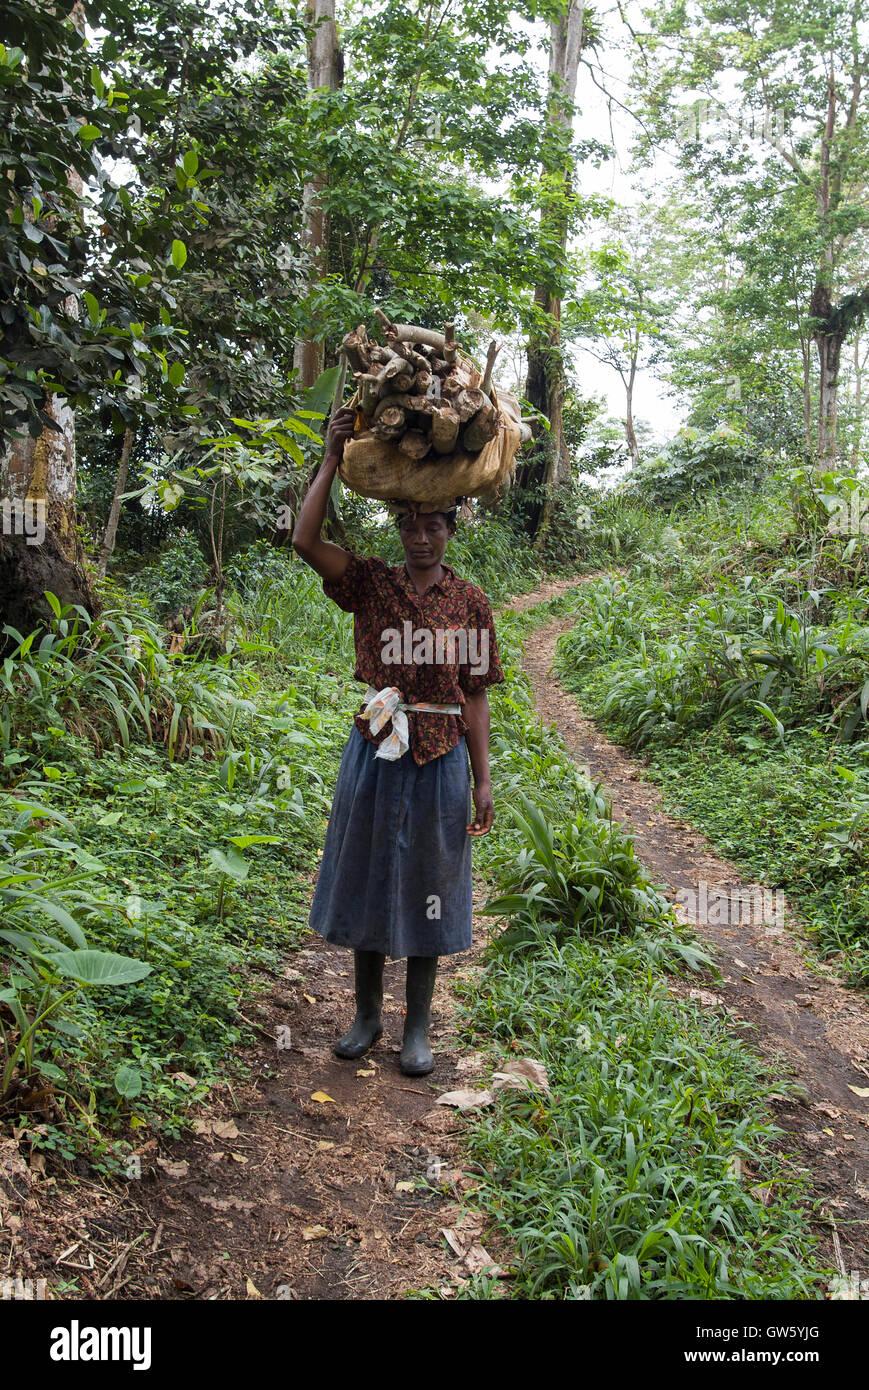 Woman carrying firewood. São Tomé e Príncipe - Stock Image